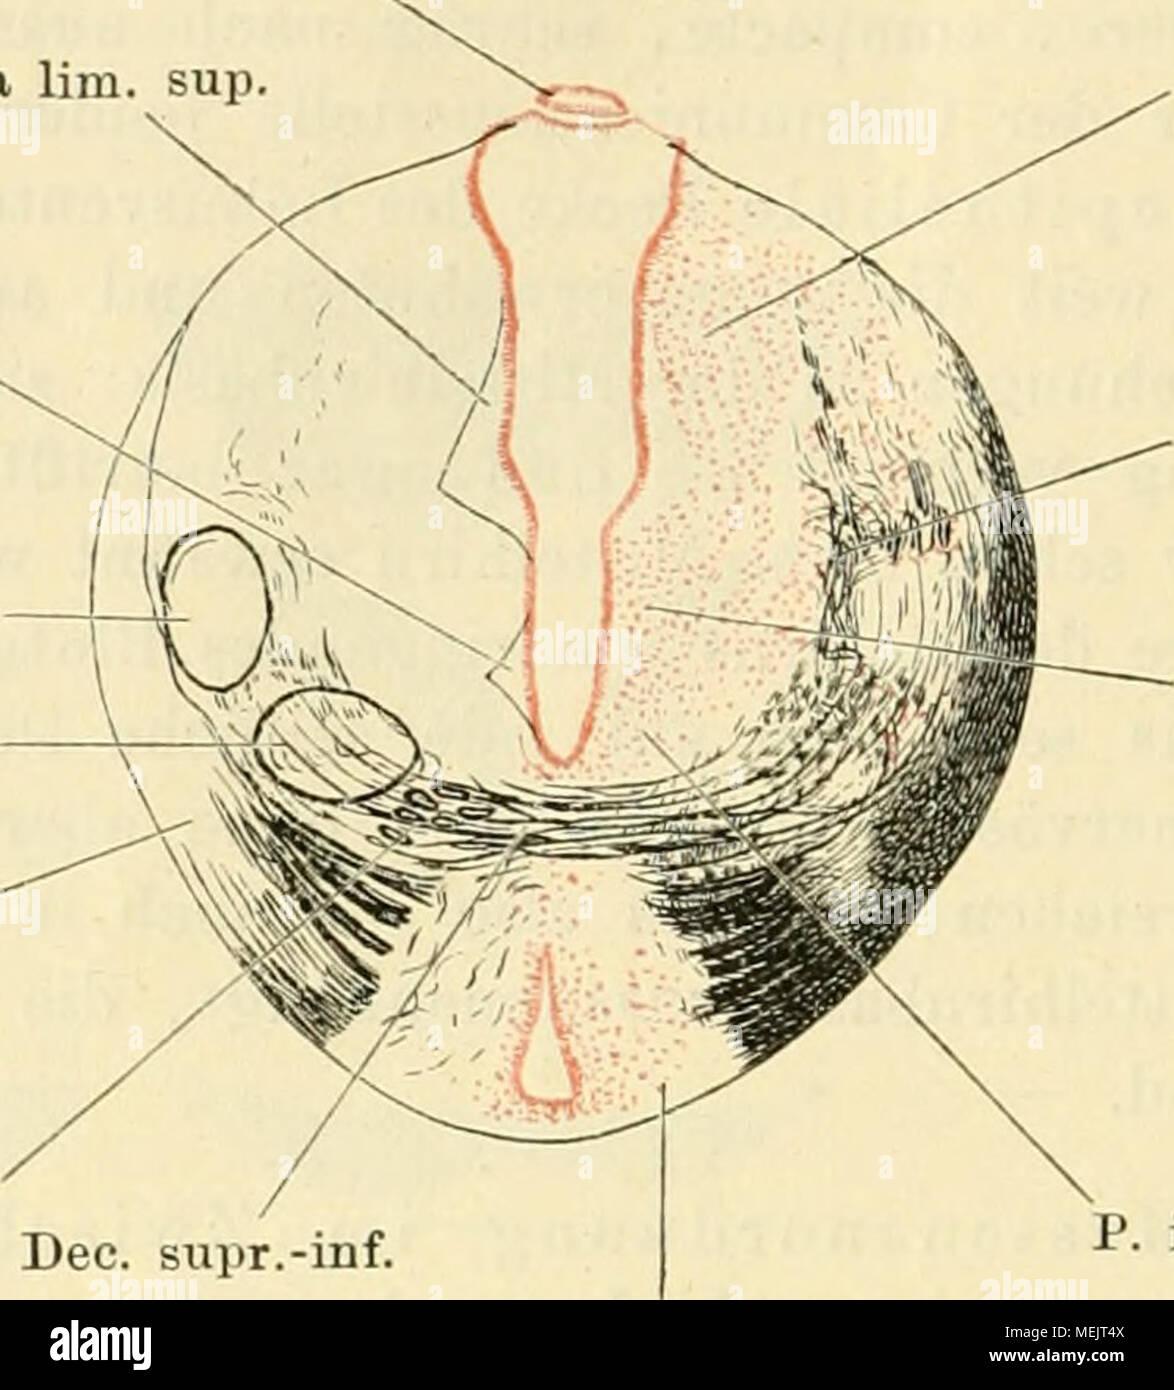 Nett Außen Auge Anatomie Bilder - Menschliche Anatomie Bilder ...